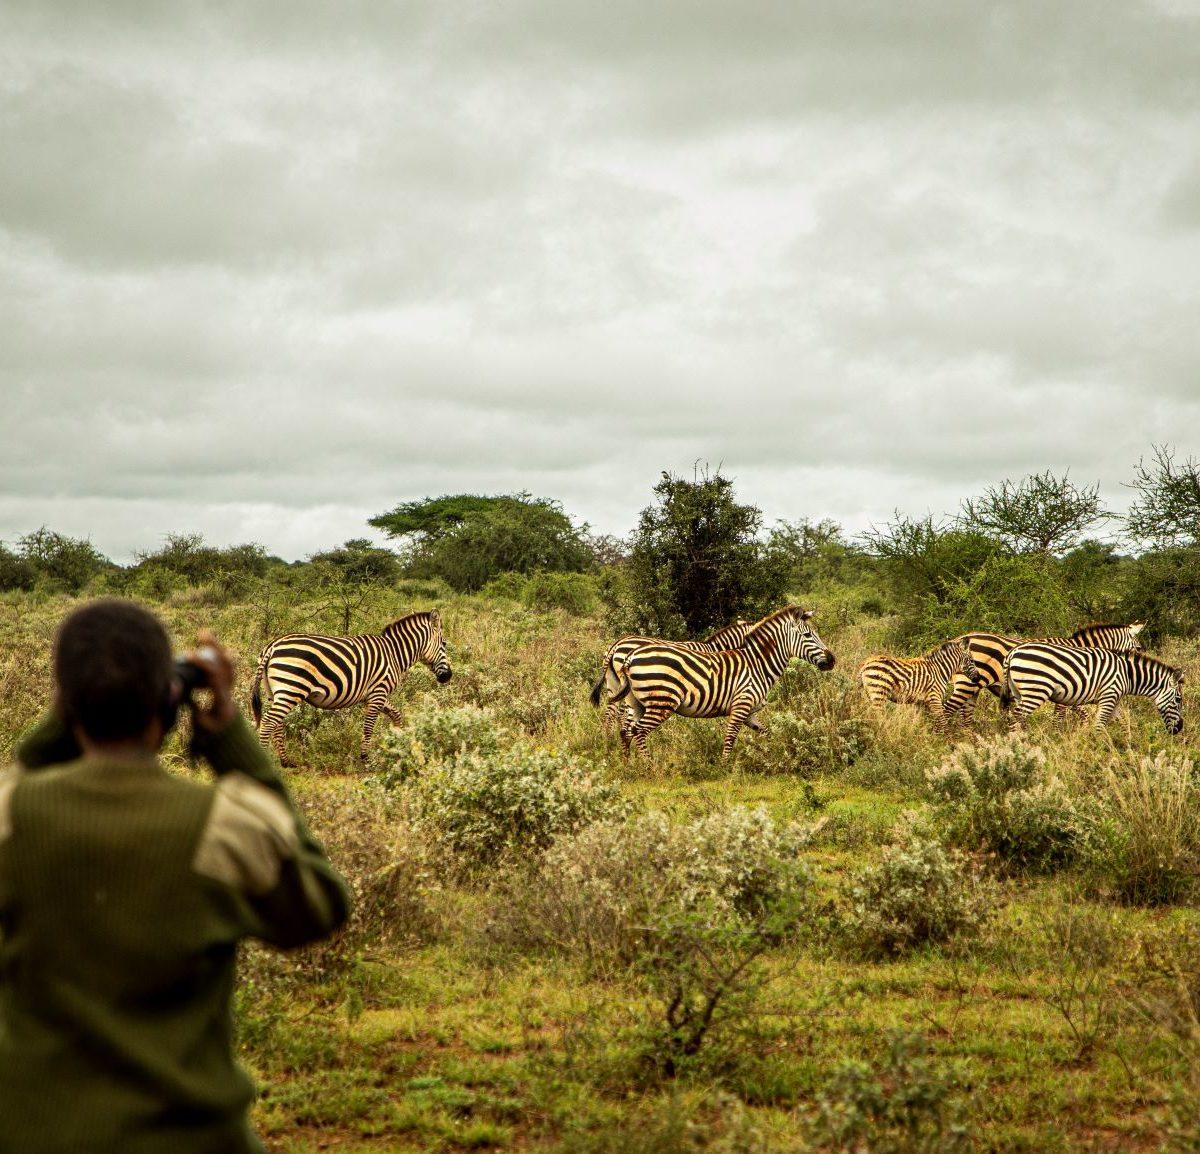 Les lionnes, écogardes massais, en train de surveiller des zébres dans le parc national d'amboseli au Kenya'© IFAW/Will Swanson